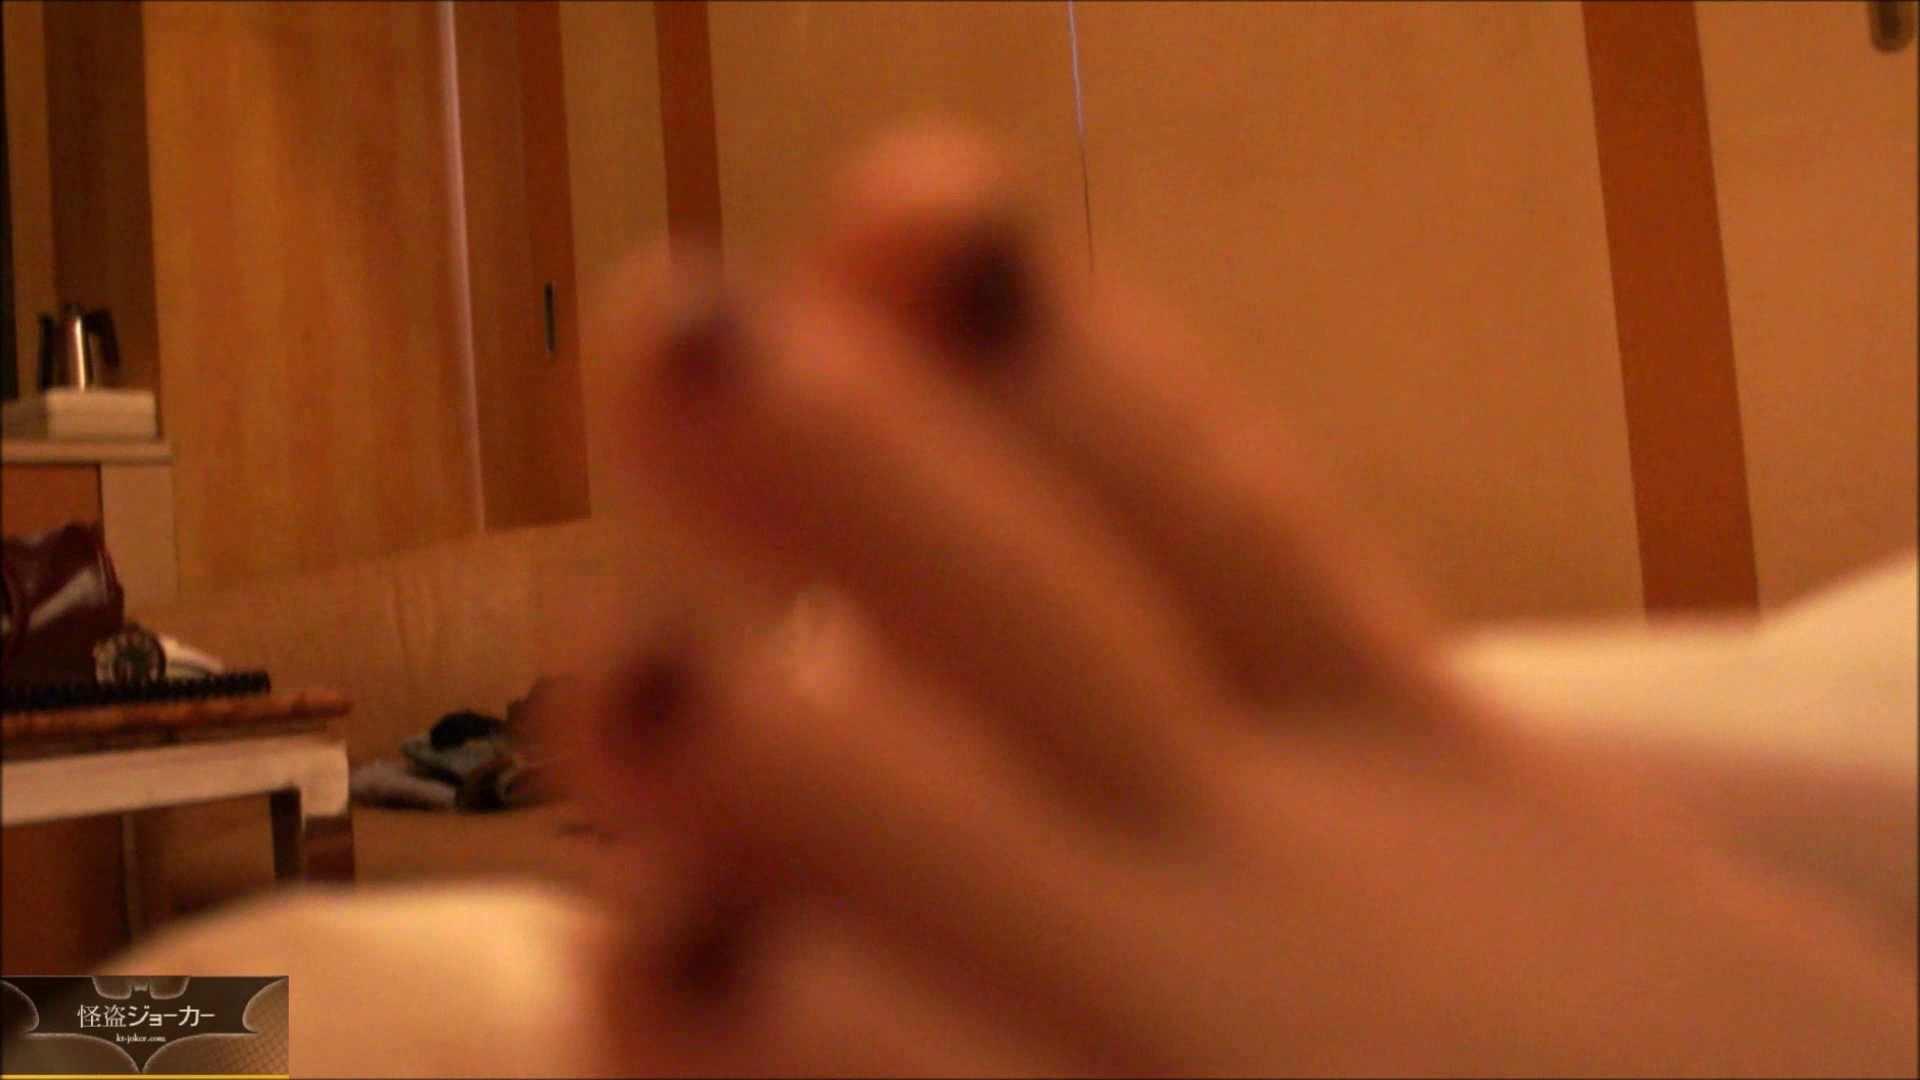 【未公開】vol.31 朋葉を目民り姫にして味比べ・・・ 乳首 おまんこ無修正動画無料 71枚